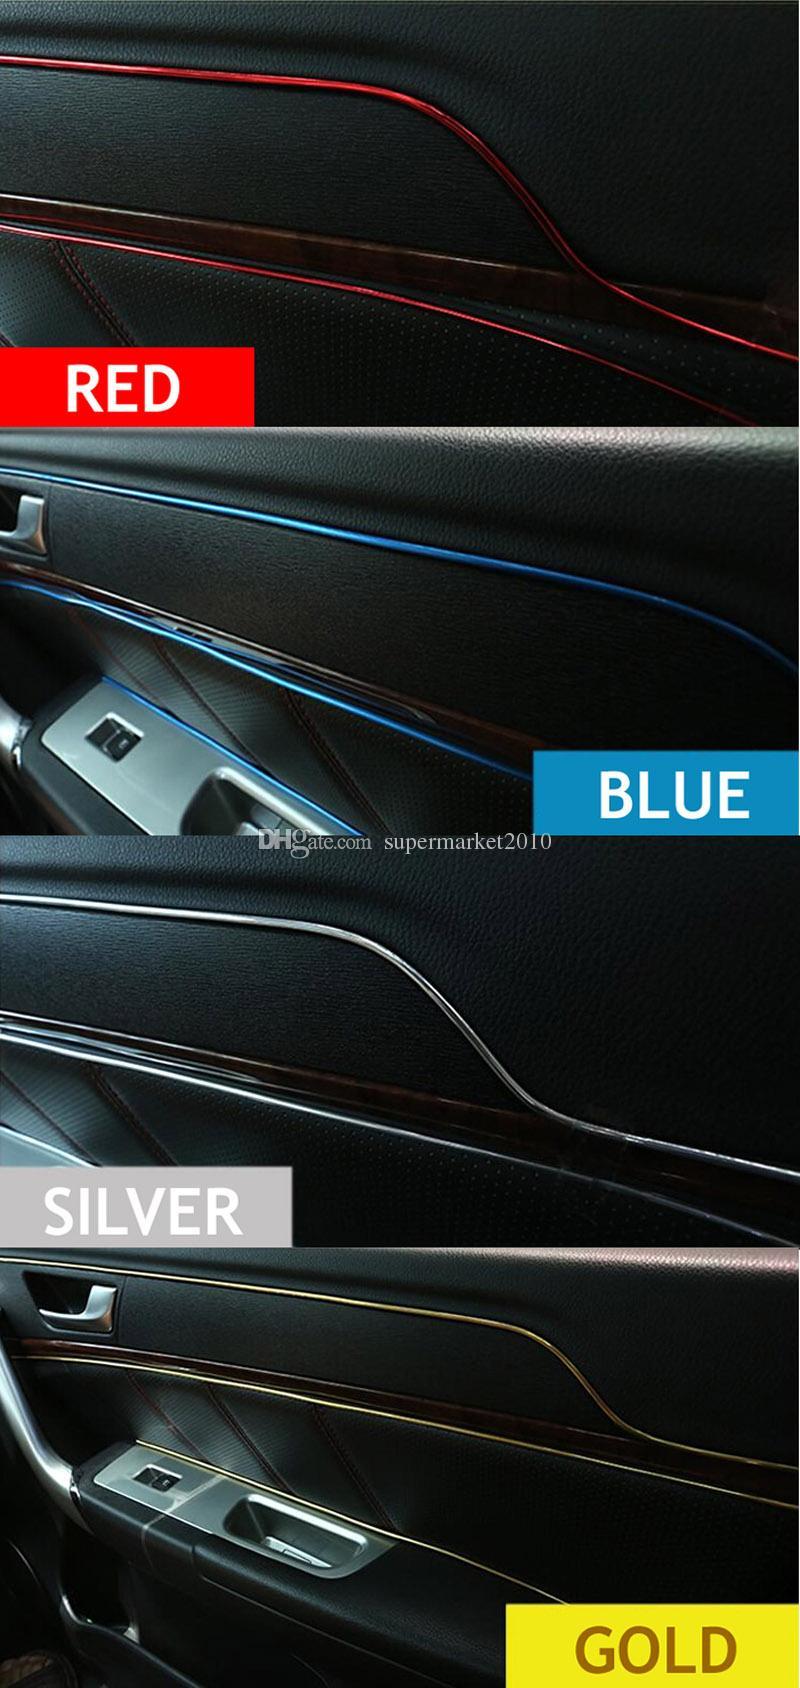 5Meters 자동차 인테리어 트림 스티커 스트립 데칼 줄무늬 자동차 성형 트림 장식 라인 데칼 트림 자동 도어 대시 보드 공기 출구 스티커